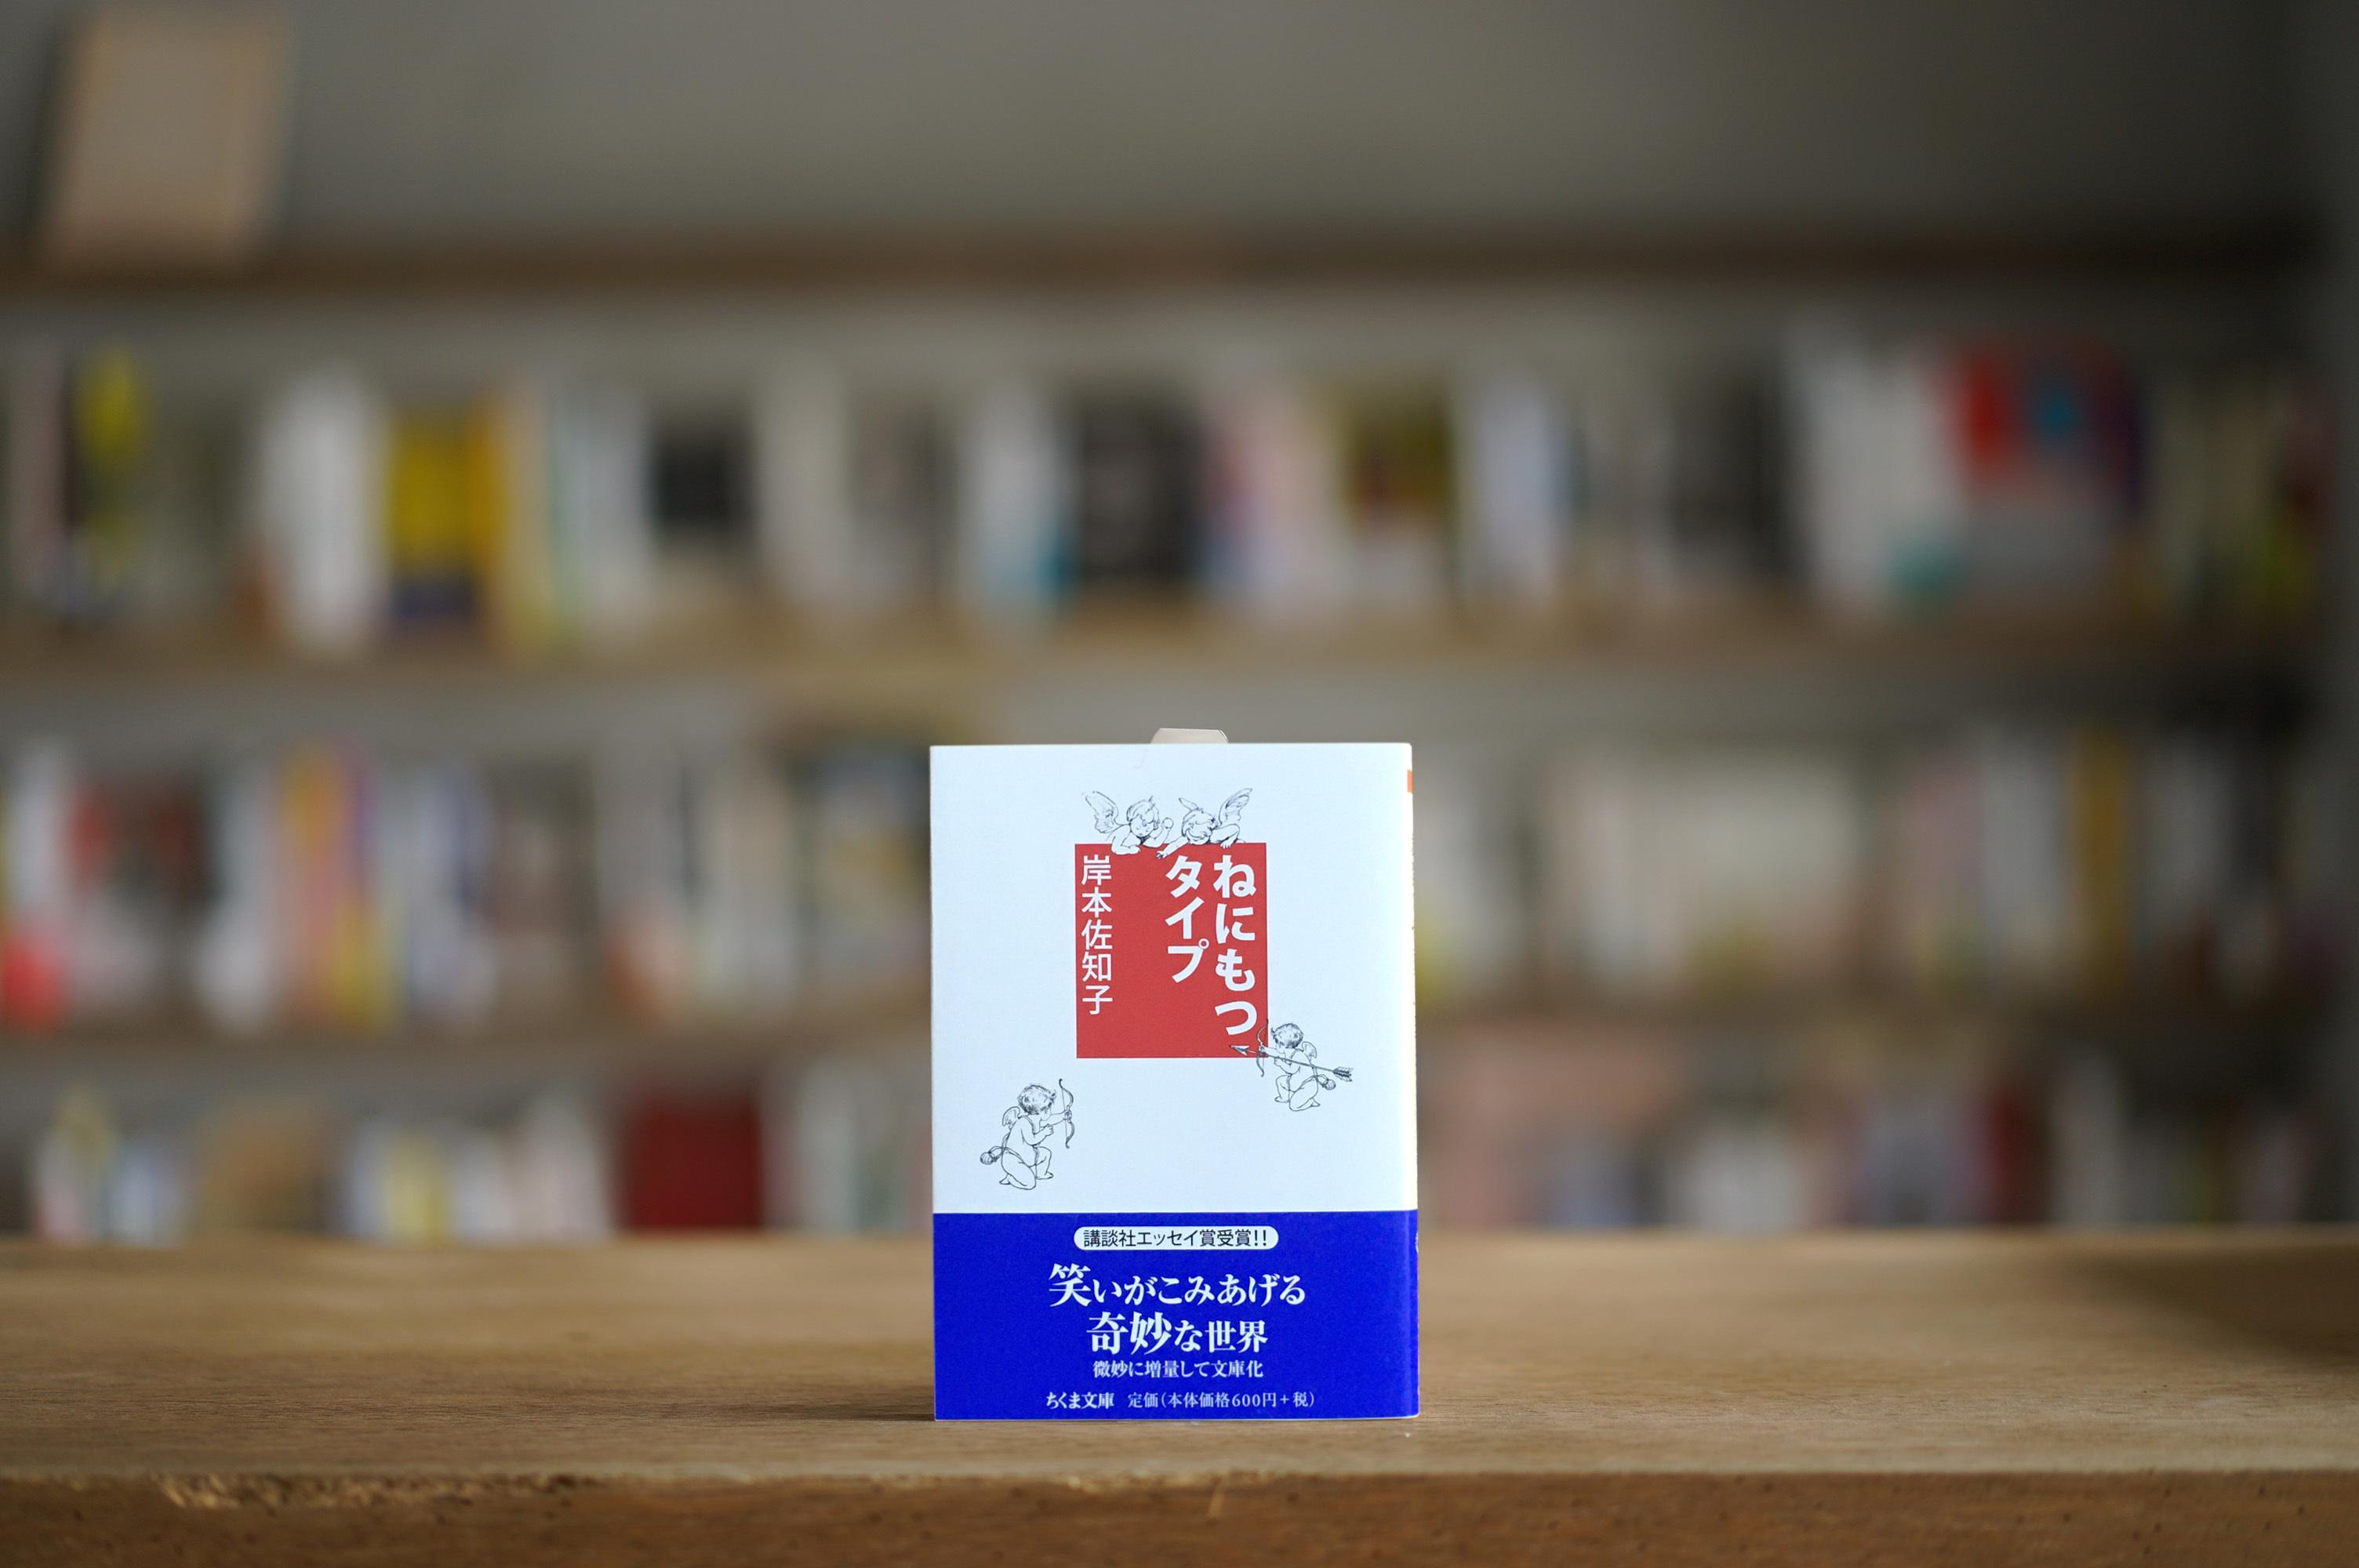 岸本佐知子 『ねにもつタイプ』 (筑摩書房、2010)